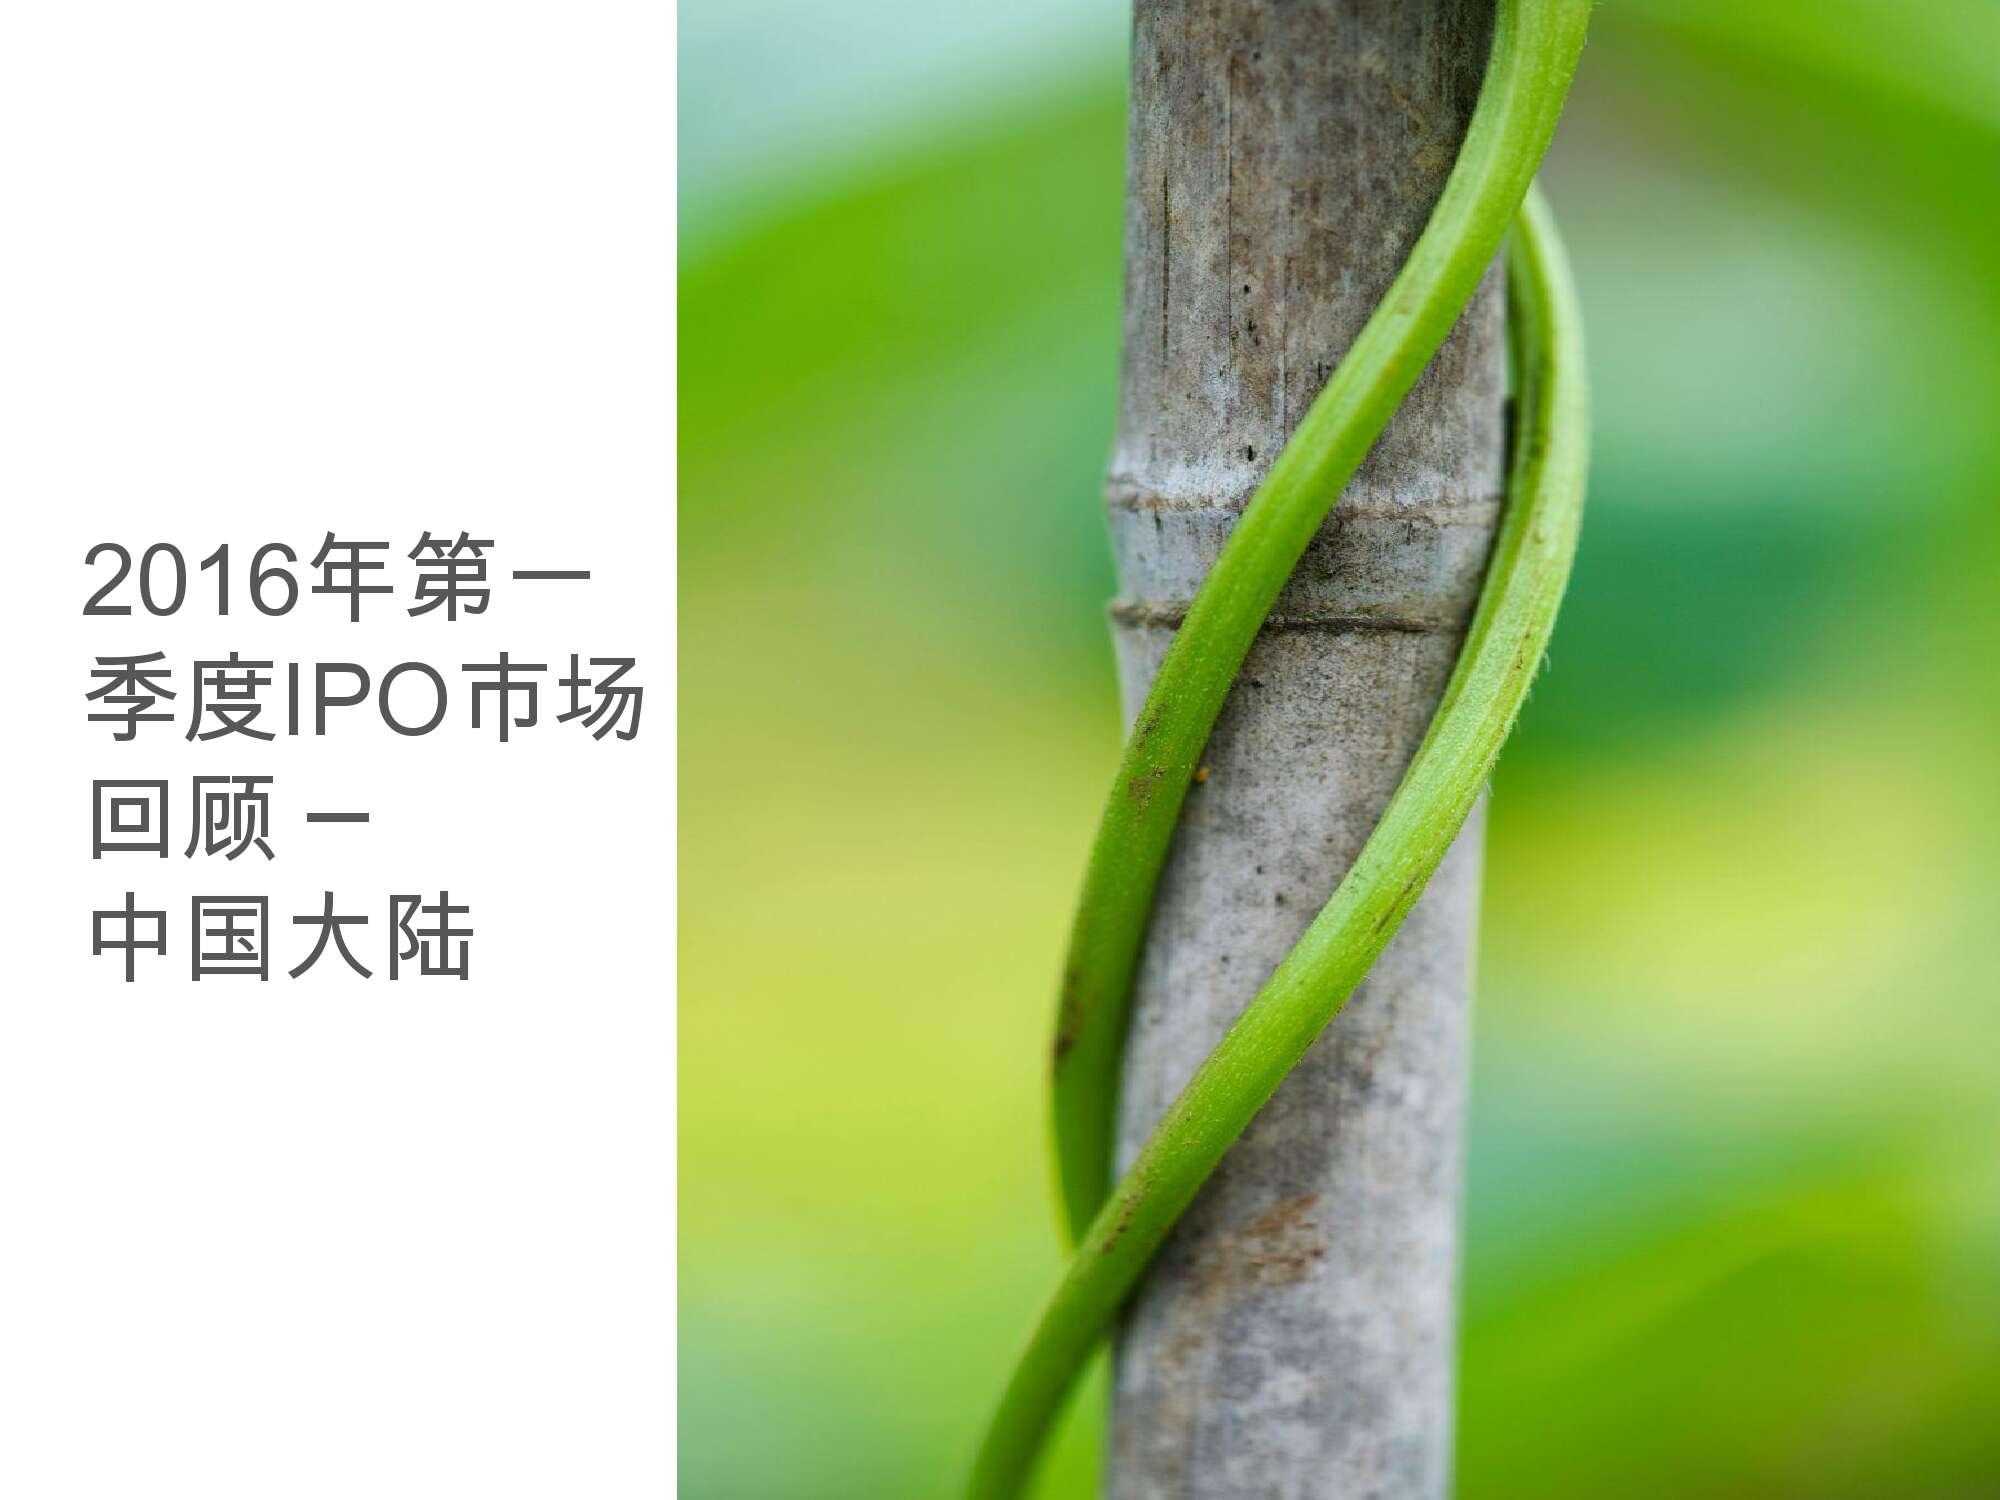 香港及中国大陆IPO市场2016年1季度_000015